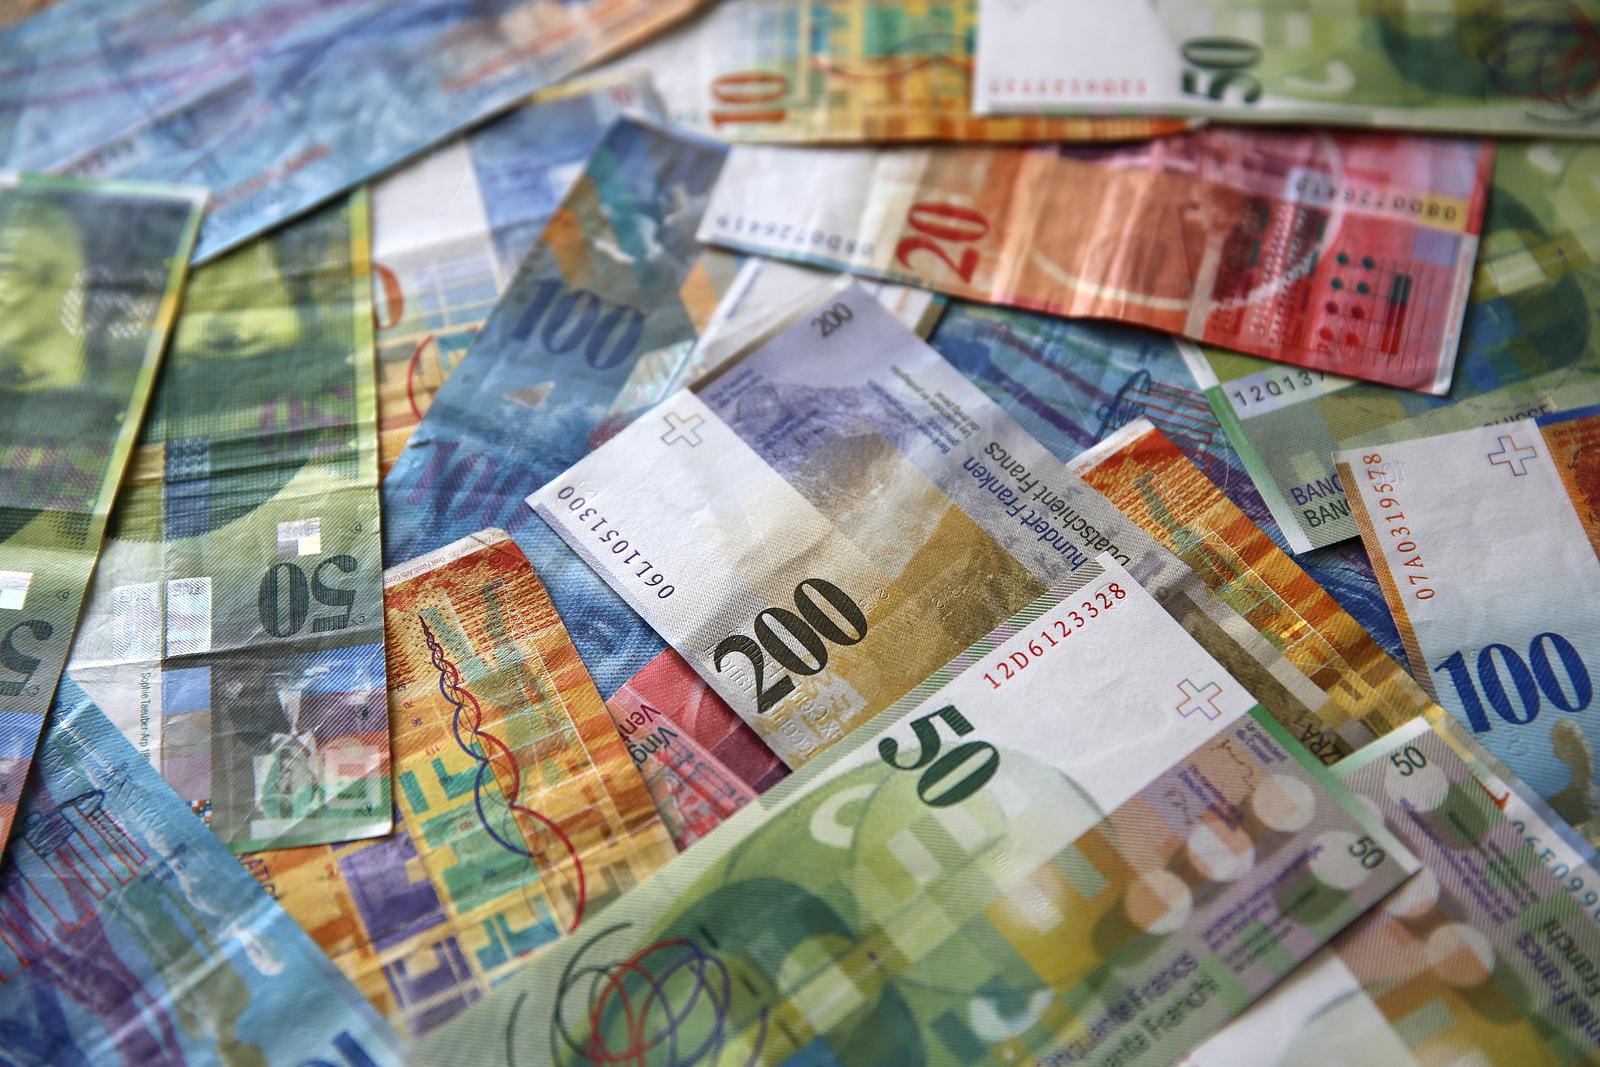 Bargeld gewinnen - Jetzt 1000 Franken in bar gewinnen